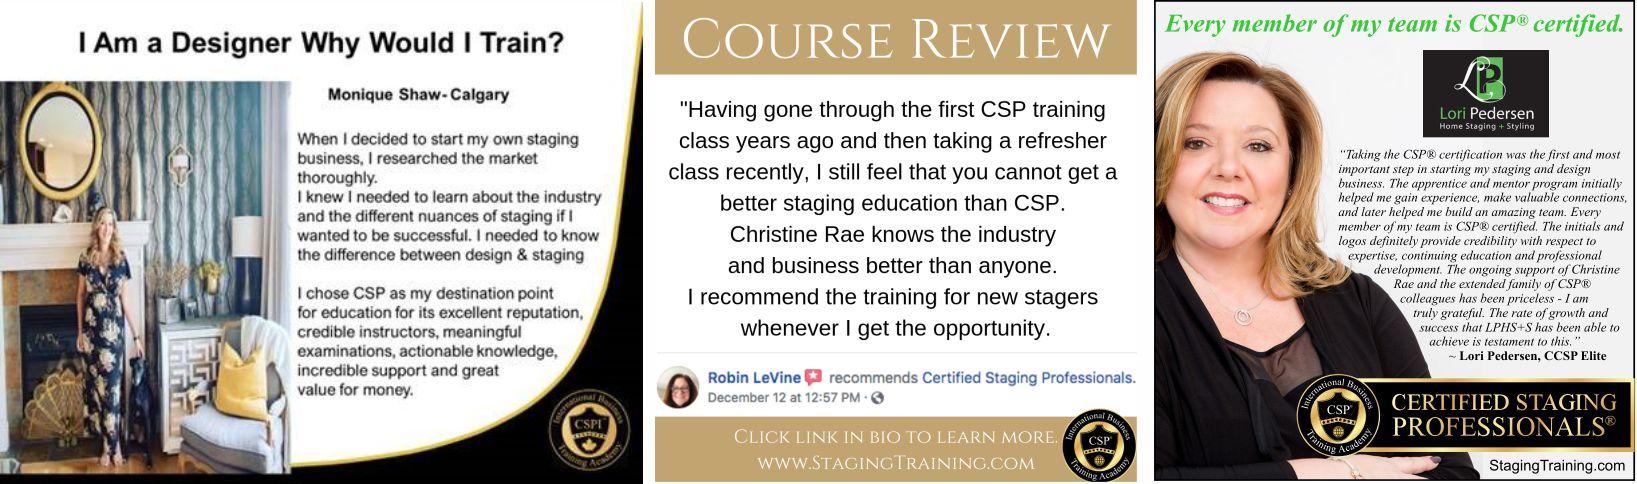 testimonials from csp graduates